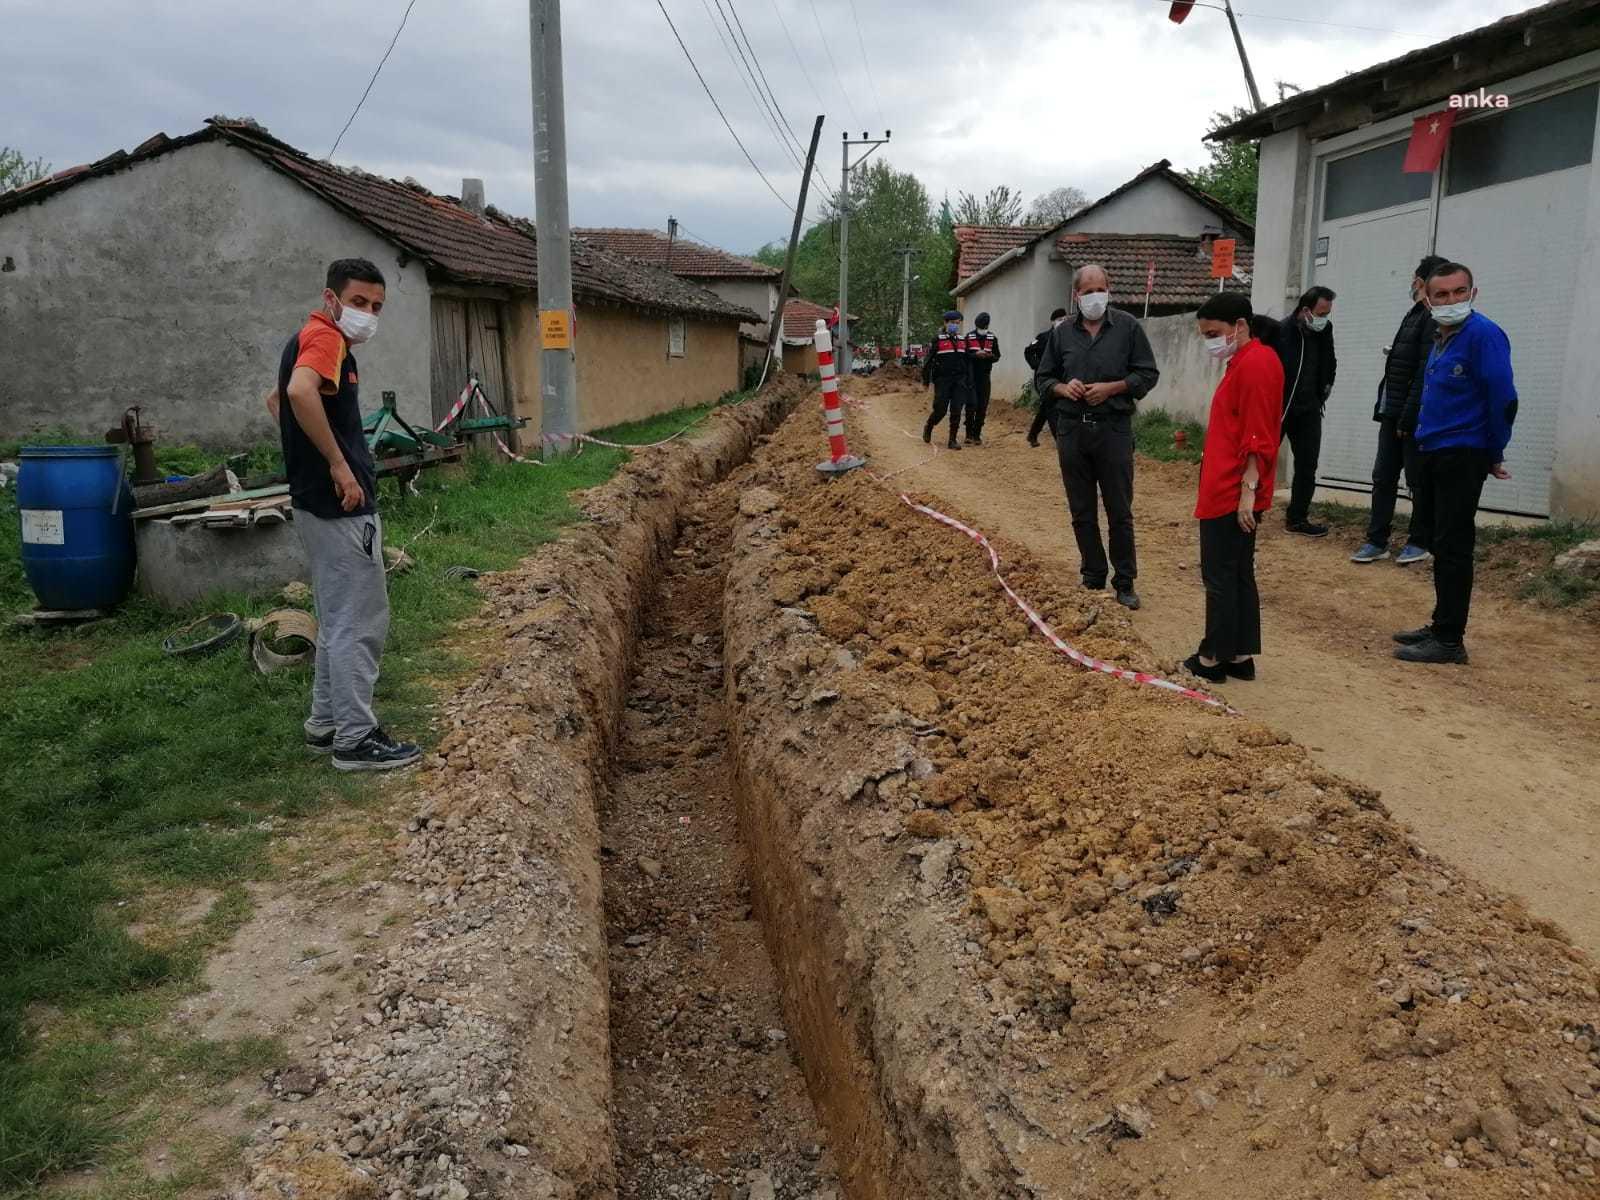 Maden Şirketinin Çalışması Köylüleri Susuz Bıraktı: 'Dışarı Çıkana Cezarı Yazarız Diye Tehdit Ediyorlar'